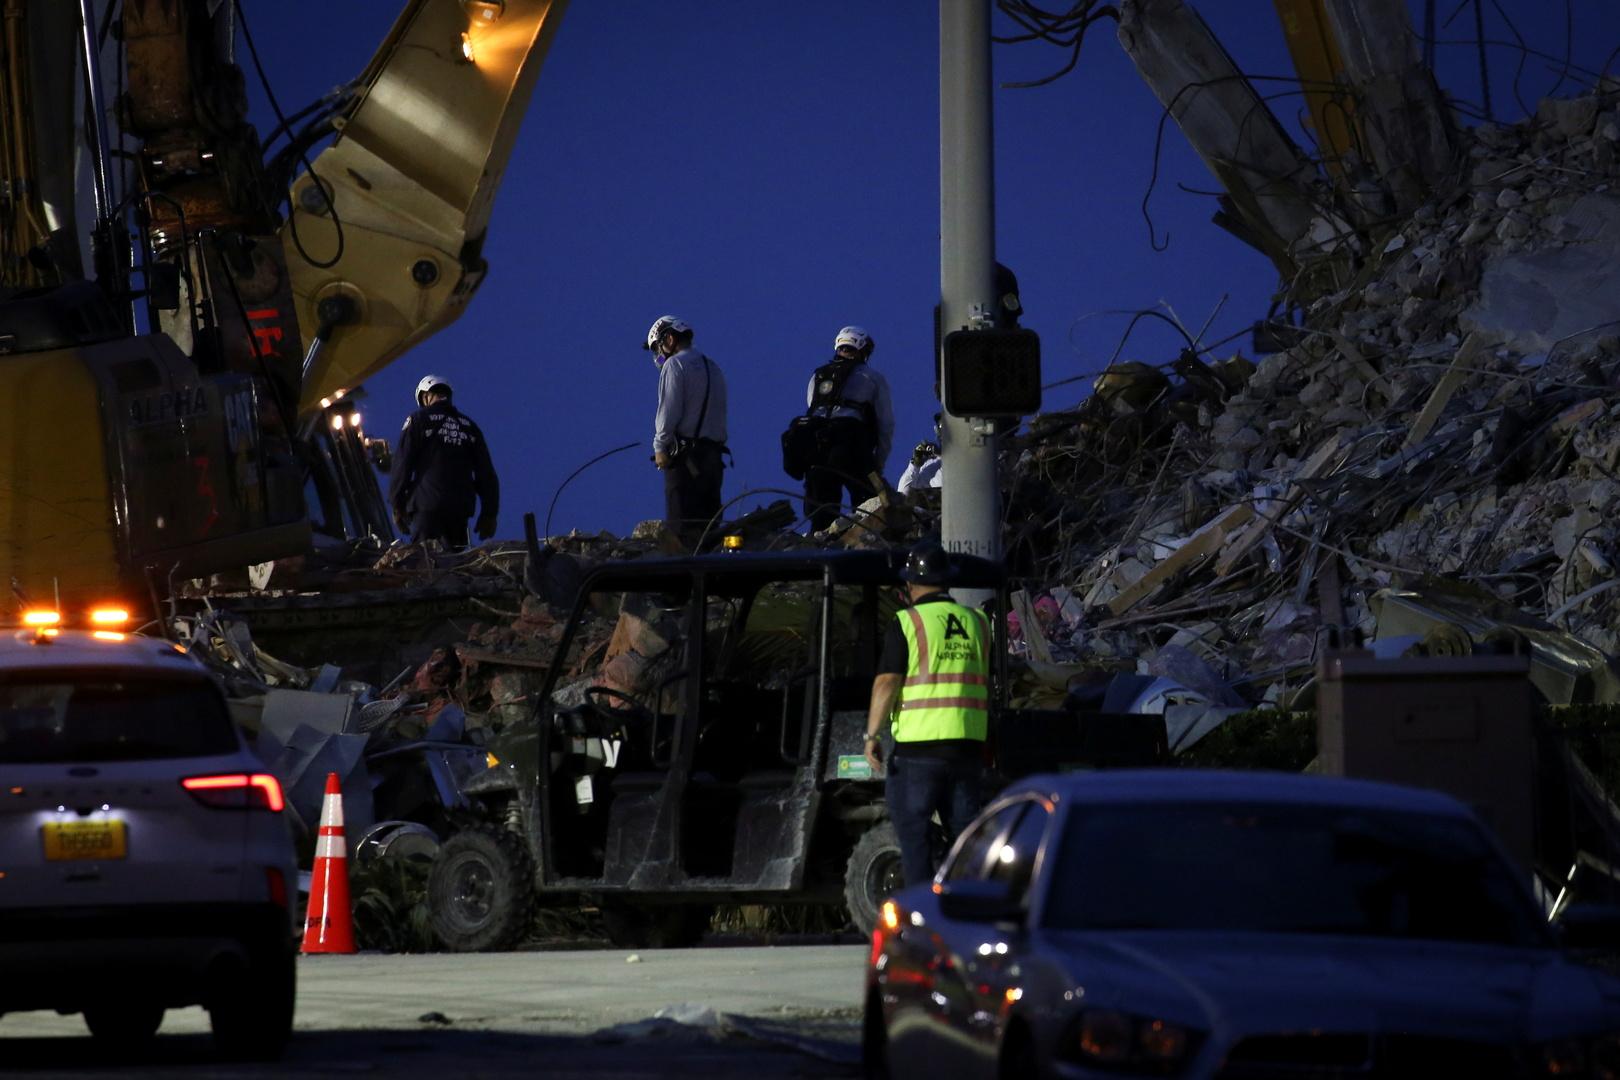 ارتفاع حصيلة ضحايا انهيار المبنى في كاليفورنيا الأمريكية إلى 64 قتيلا